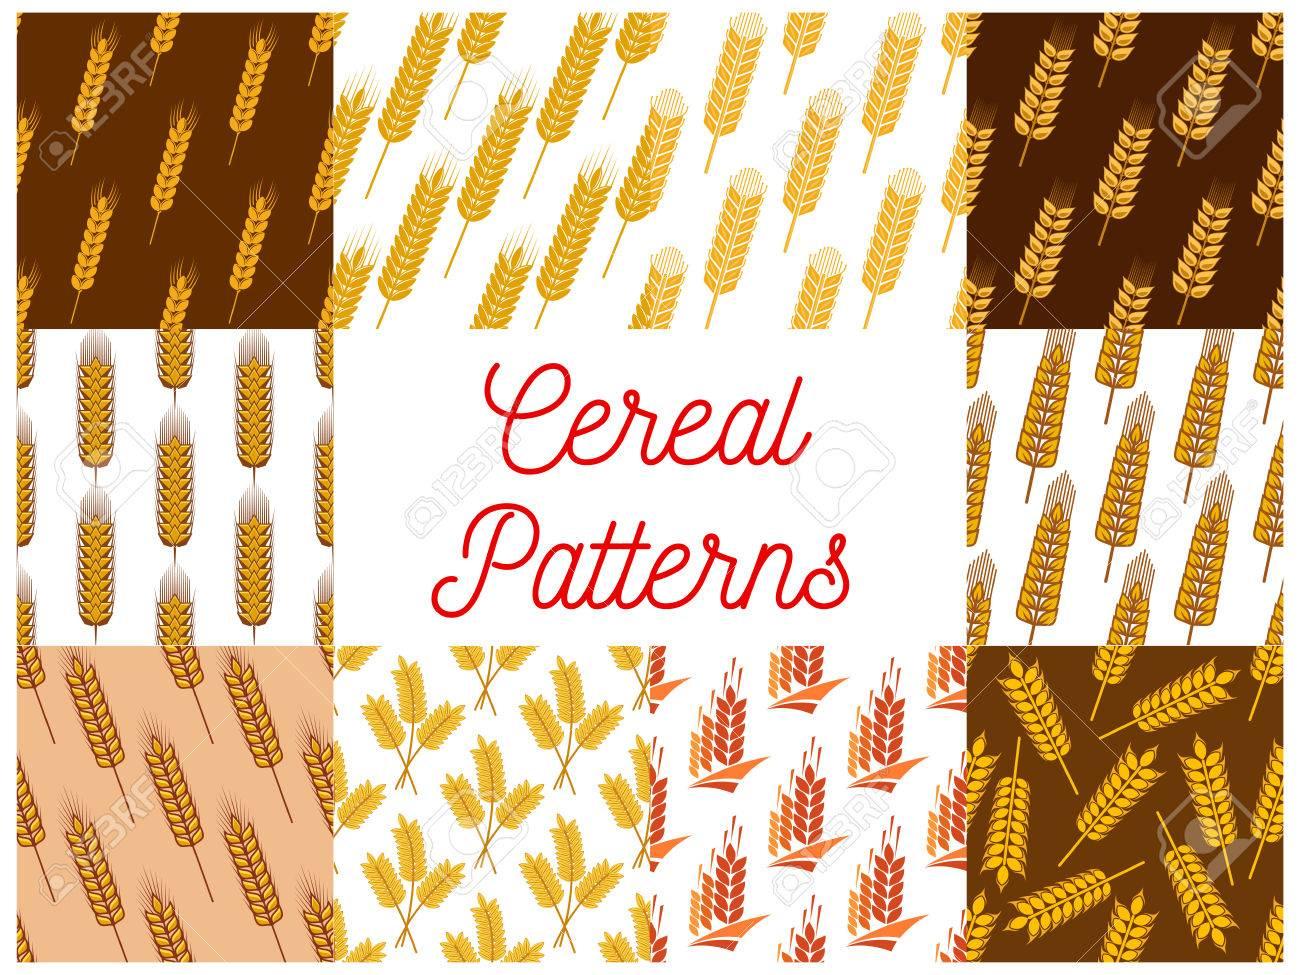 Patrones de costura de cereales. Vector patrón de trigo, cebada, centeno  oídos, plantas de grano para el envasado de productos de pan, pastelería ...